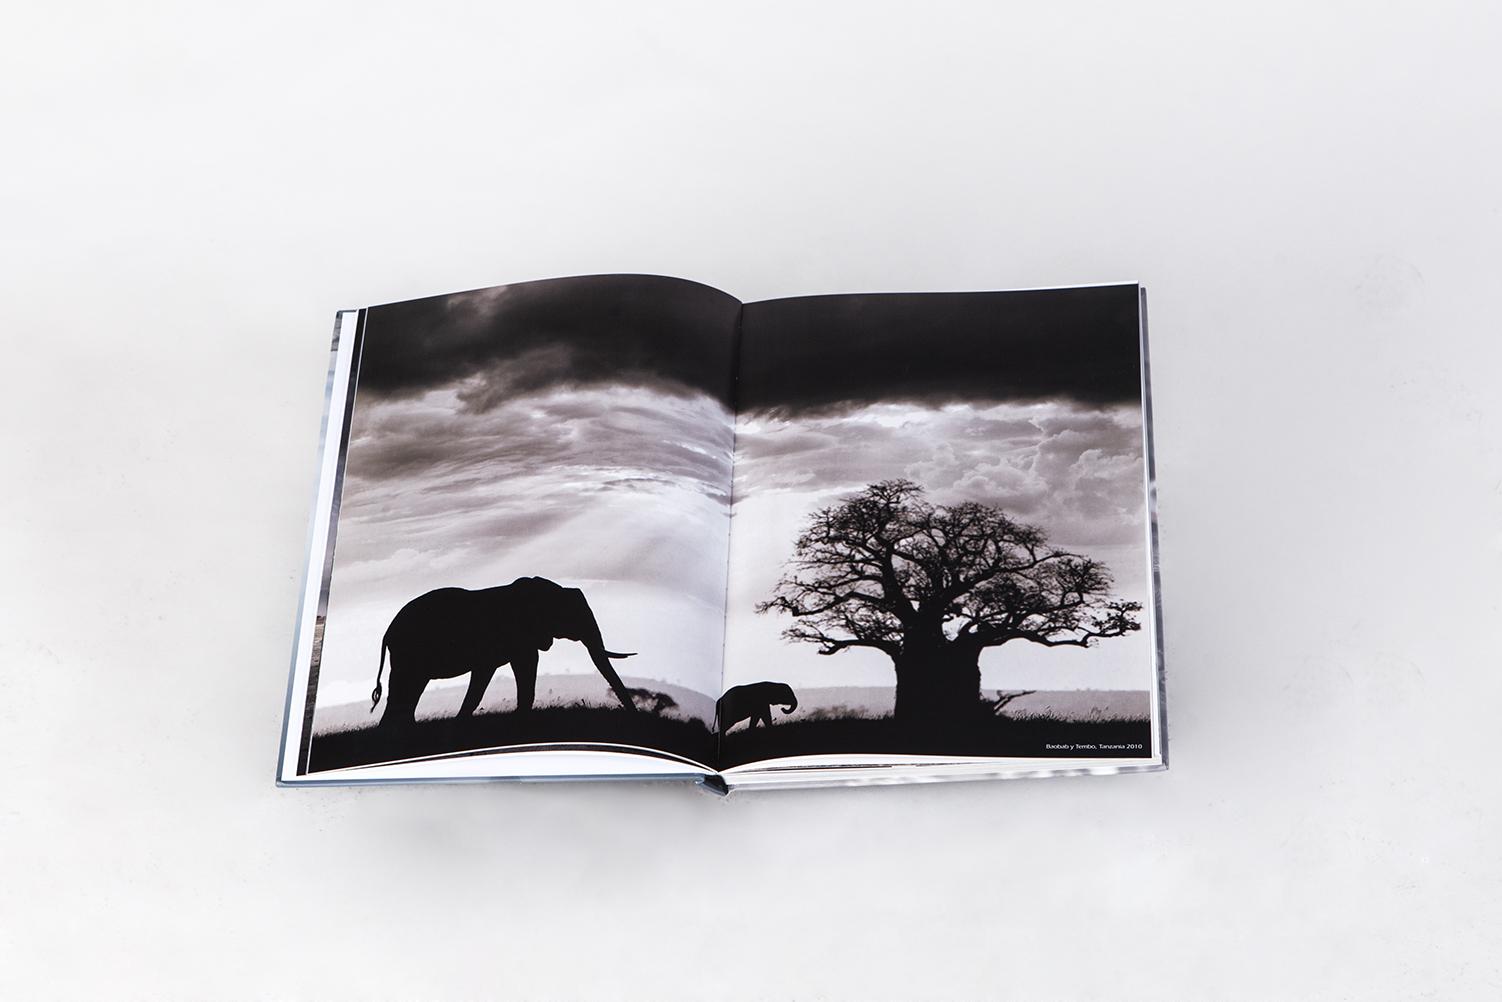 Baobab y Tembo en el libro El Silencio Habitado